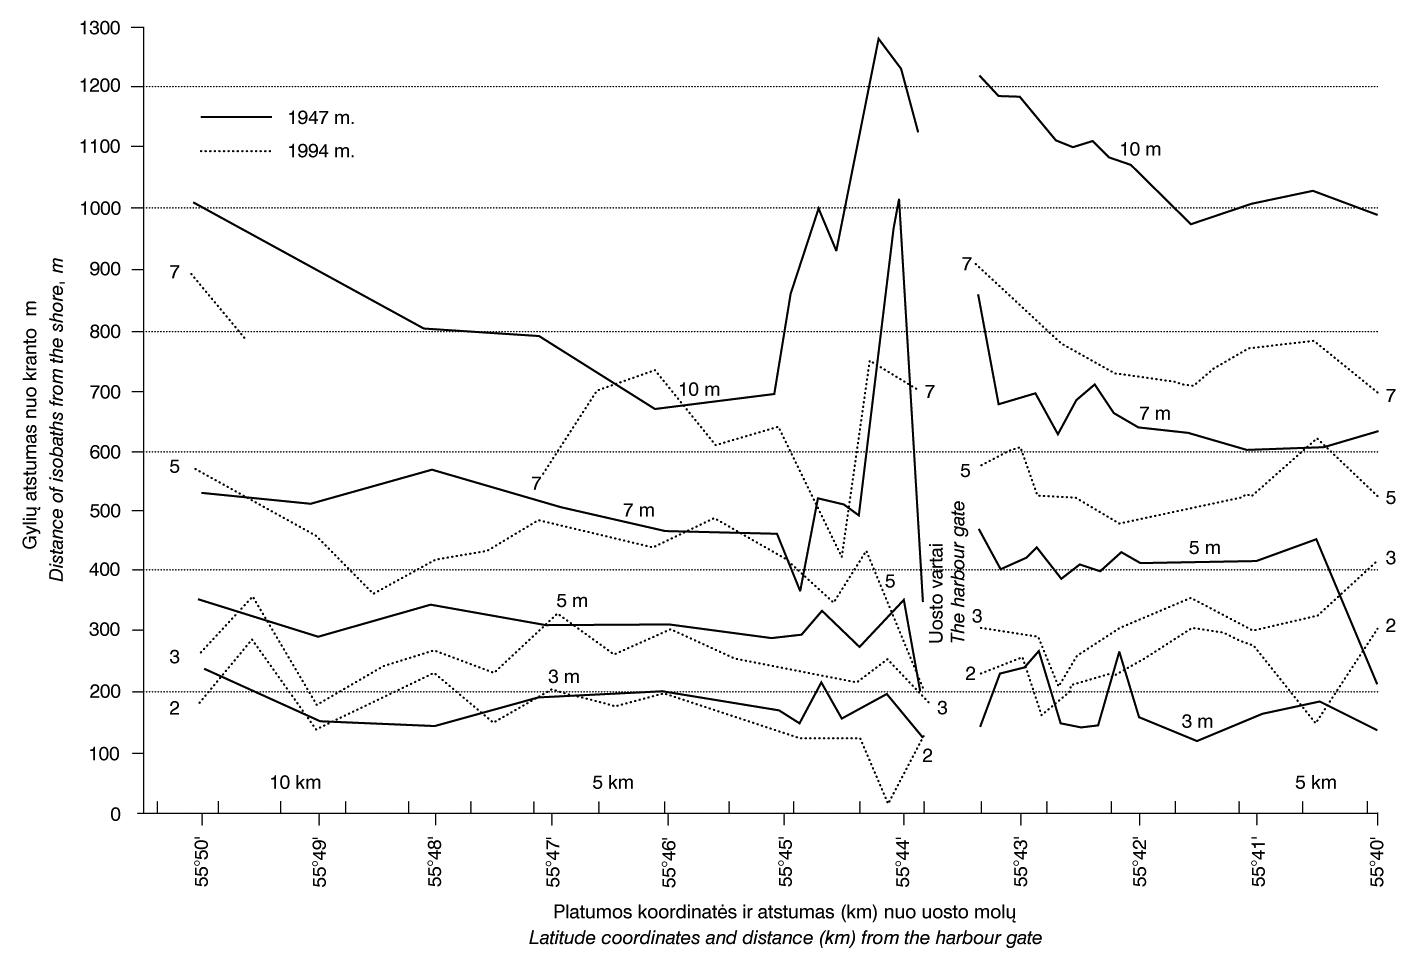 10 pav. Skirtingo gylio izobatų pasiskirstymo grafikai į šiaurę ir pietus nuo Klaipėdos uosto 1947 ir 1994 m. / Fig. 10. Distribution of different isobaths north and south of the Klaipėda Harbor in 1947 and 1994